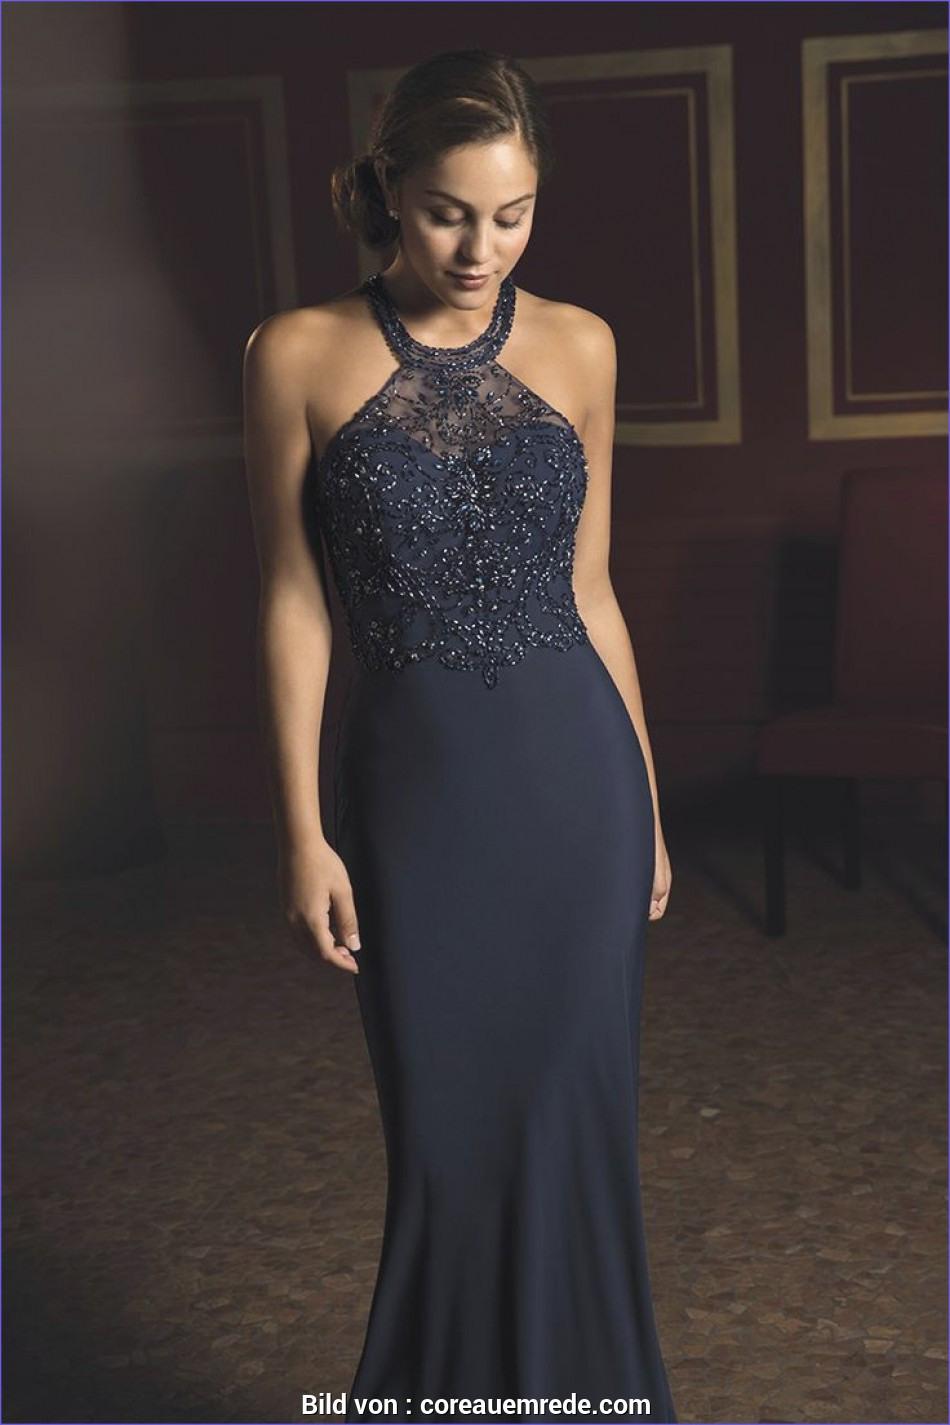 20 Schön Tolle Abendkleider Spezialgebiet20 Spektakulär Tolle Abendkleider Design